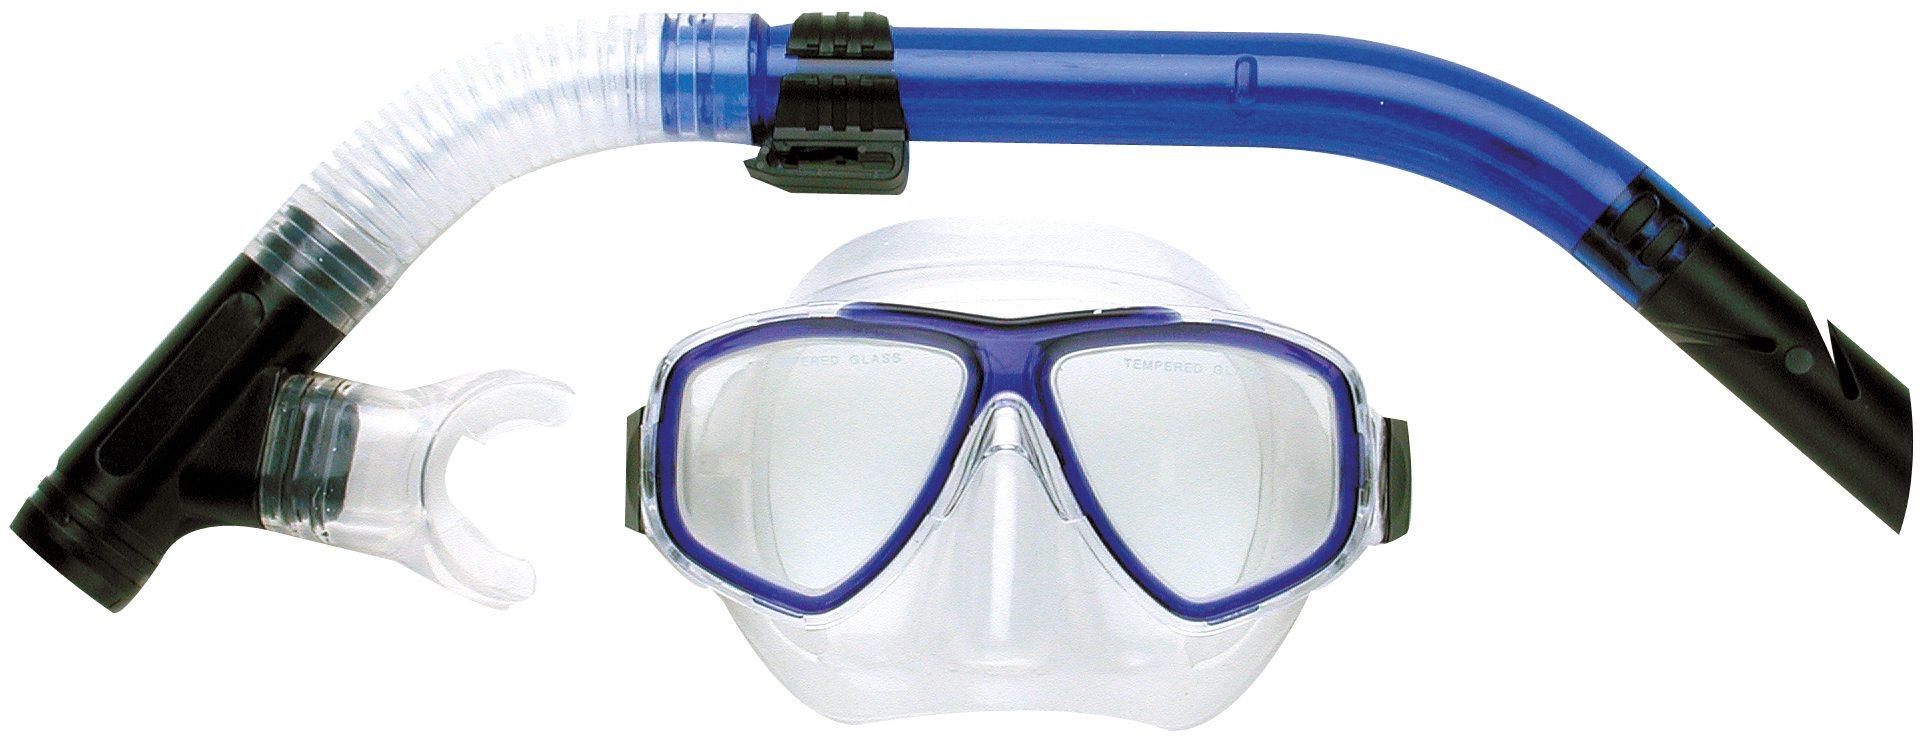 Snorkeling Equipment Online Shop